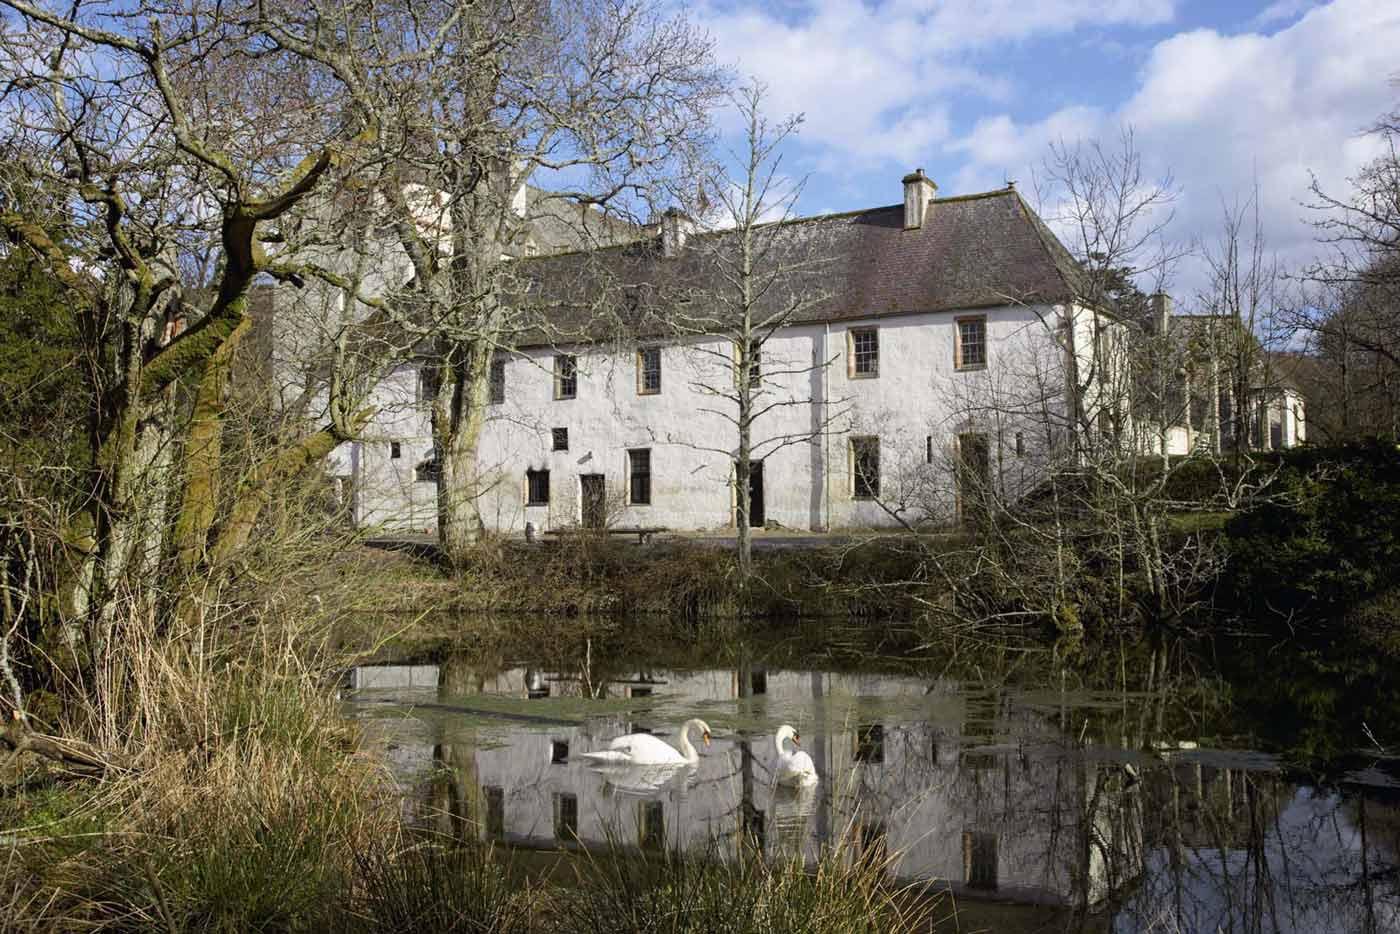 Traquair House, la maison la plus ancienne habitée en Ecosse